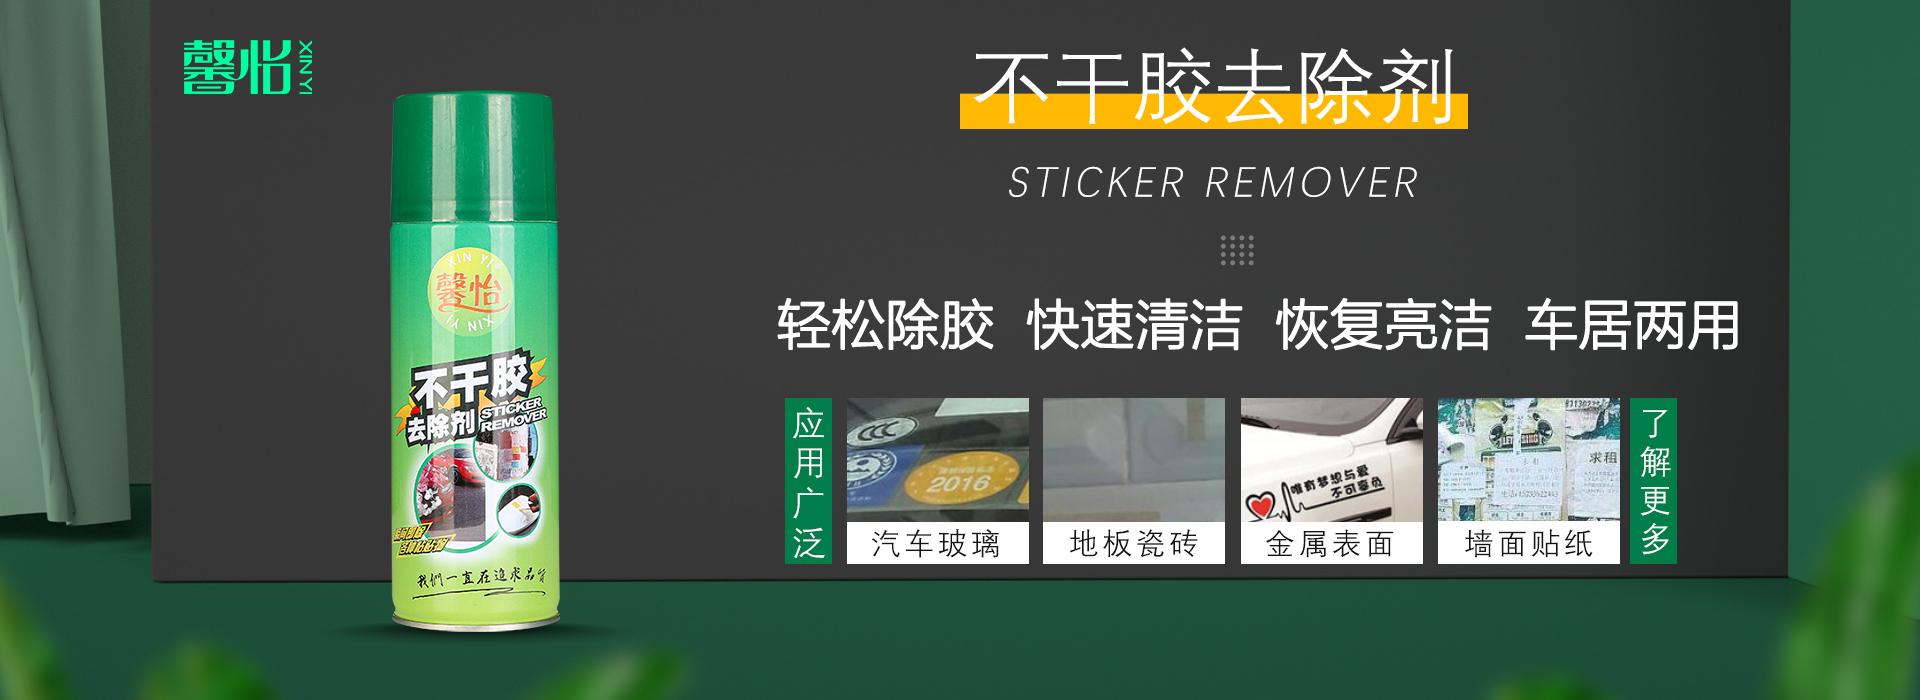 馨怡:汽车底盘装甲自喷漆